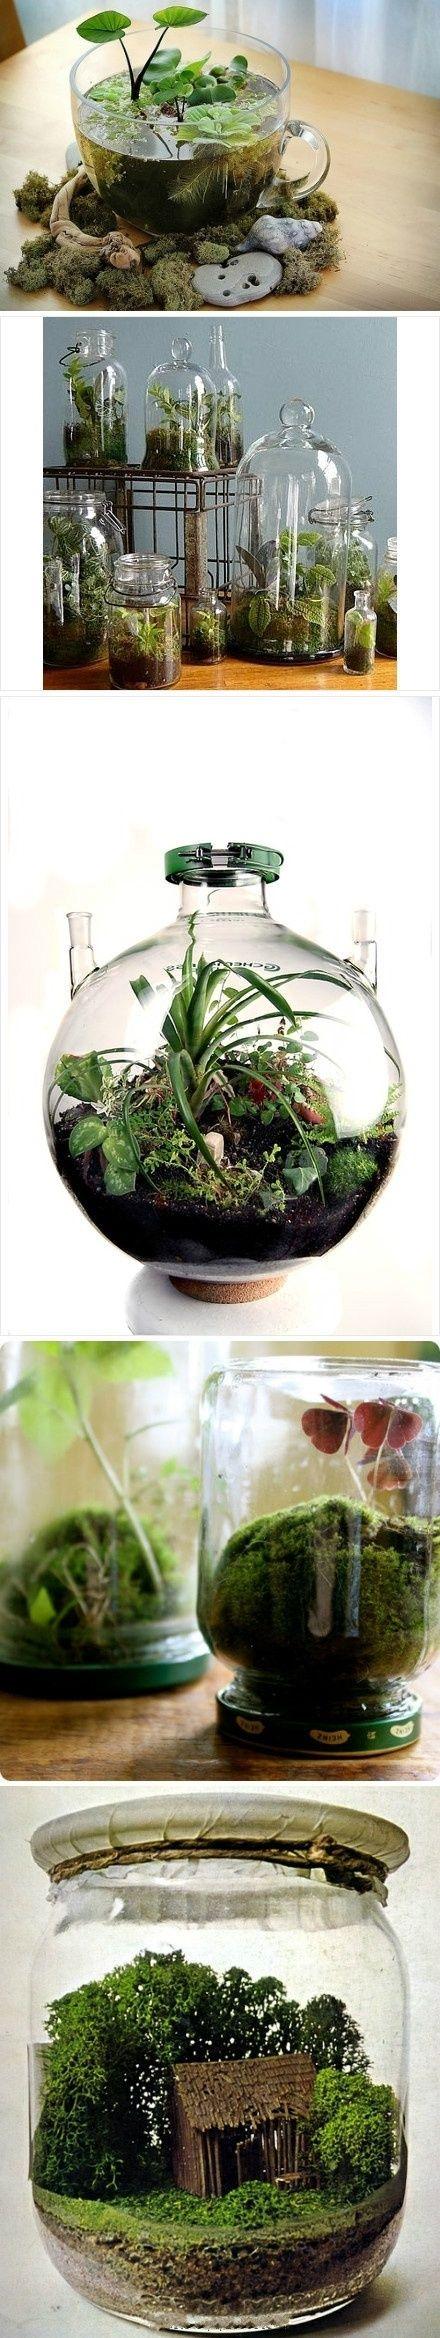 ideias sobre jardins : ideias sobre jardins:Bottle Terrarium Ideas